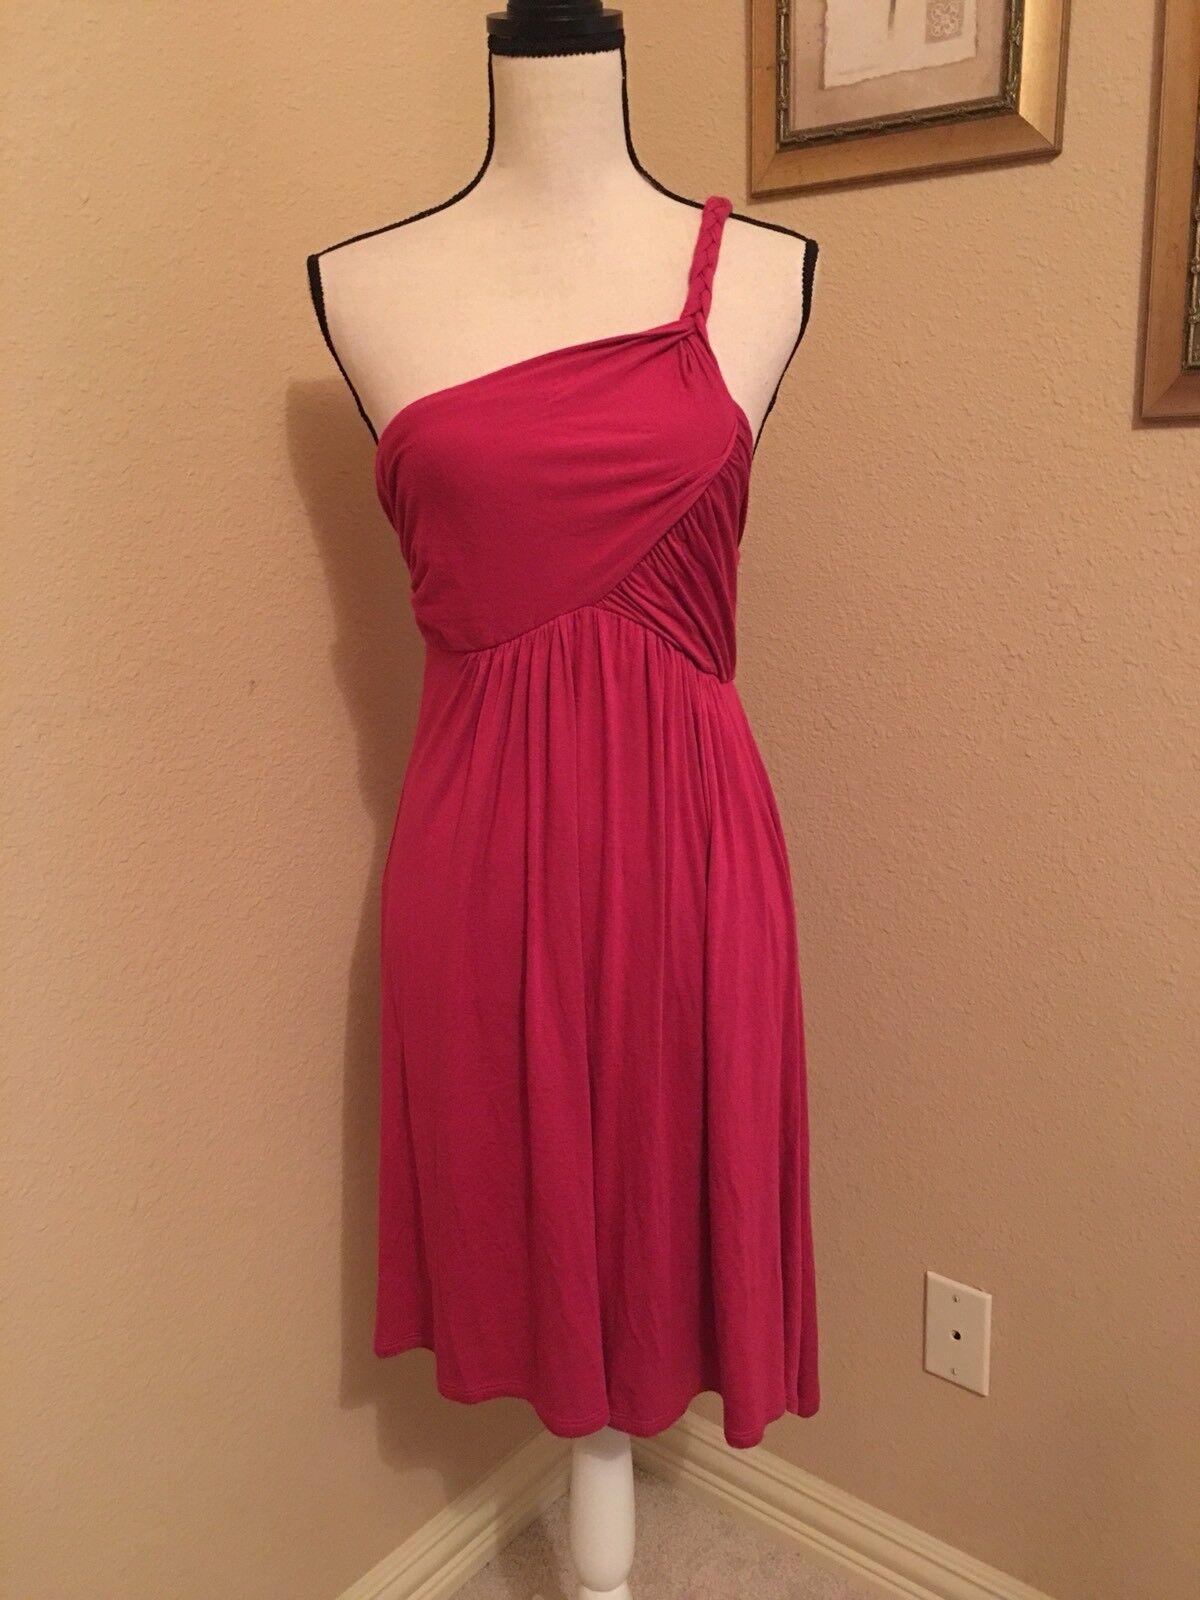 Cache Größe M Medium NWT One Shoulder Summer Dress